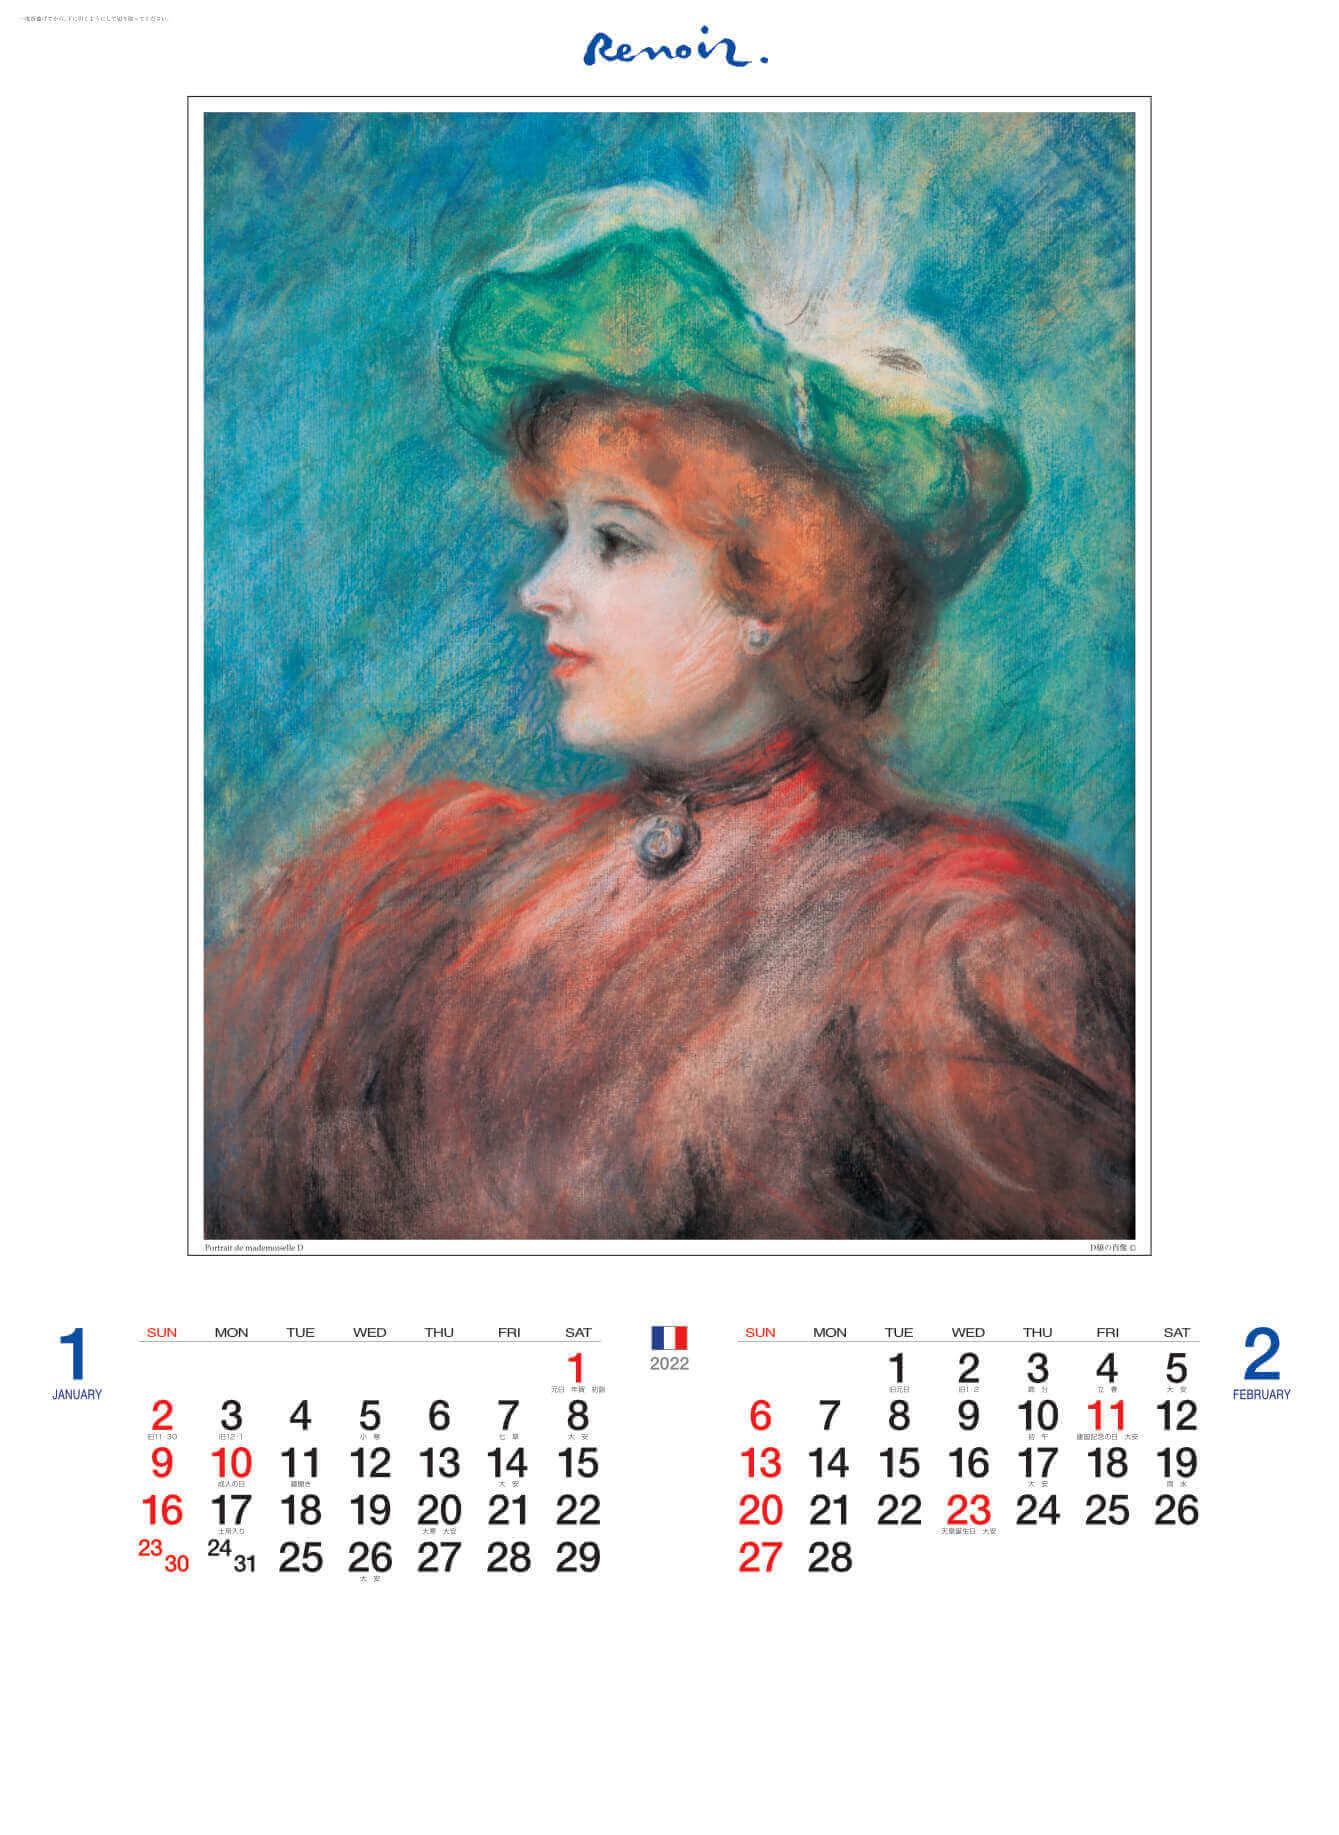 1-2月 D嬢の肖像 ルノワール 2022年カレンダーの画像